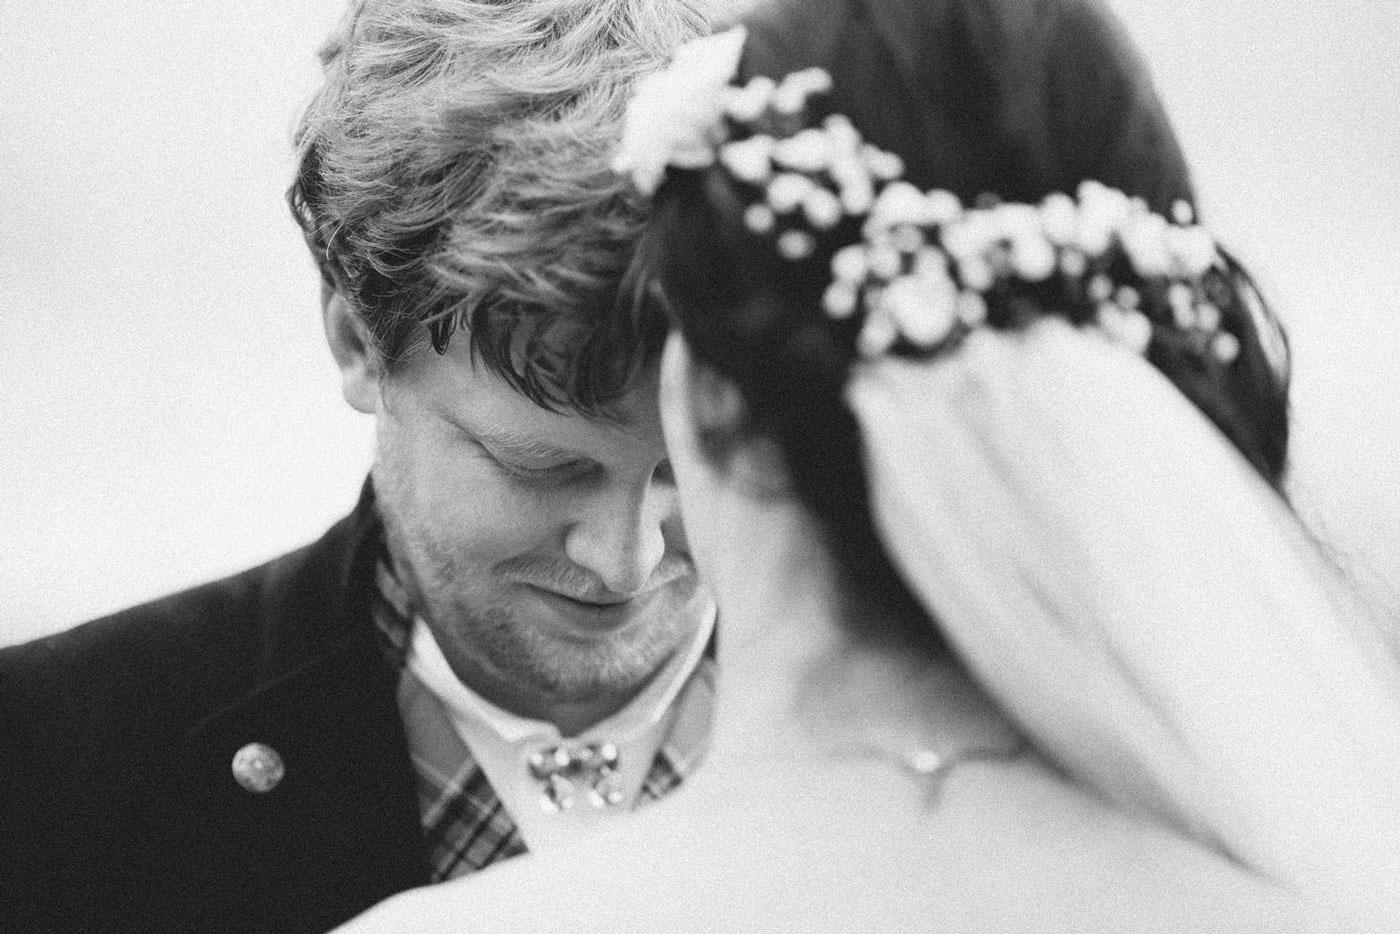 Bryllupsfotografering ved Mjøsa, brud og brudgom ser på hverandre